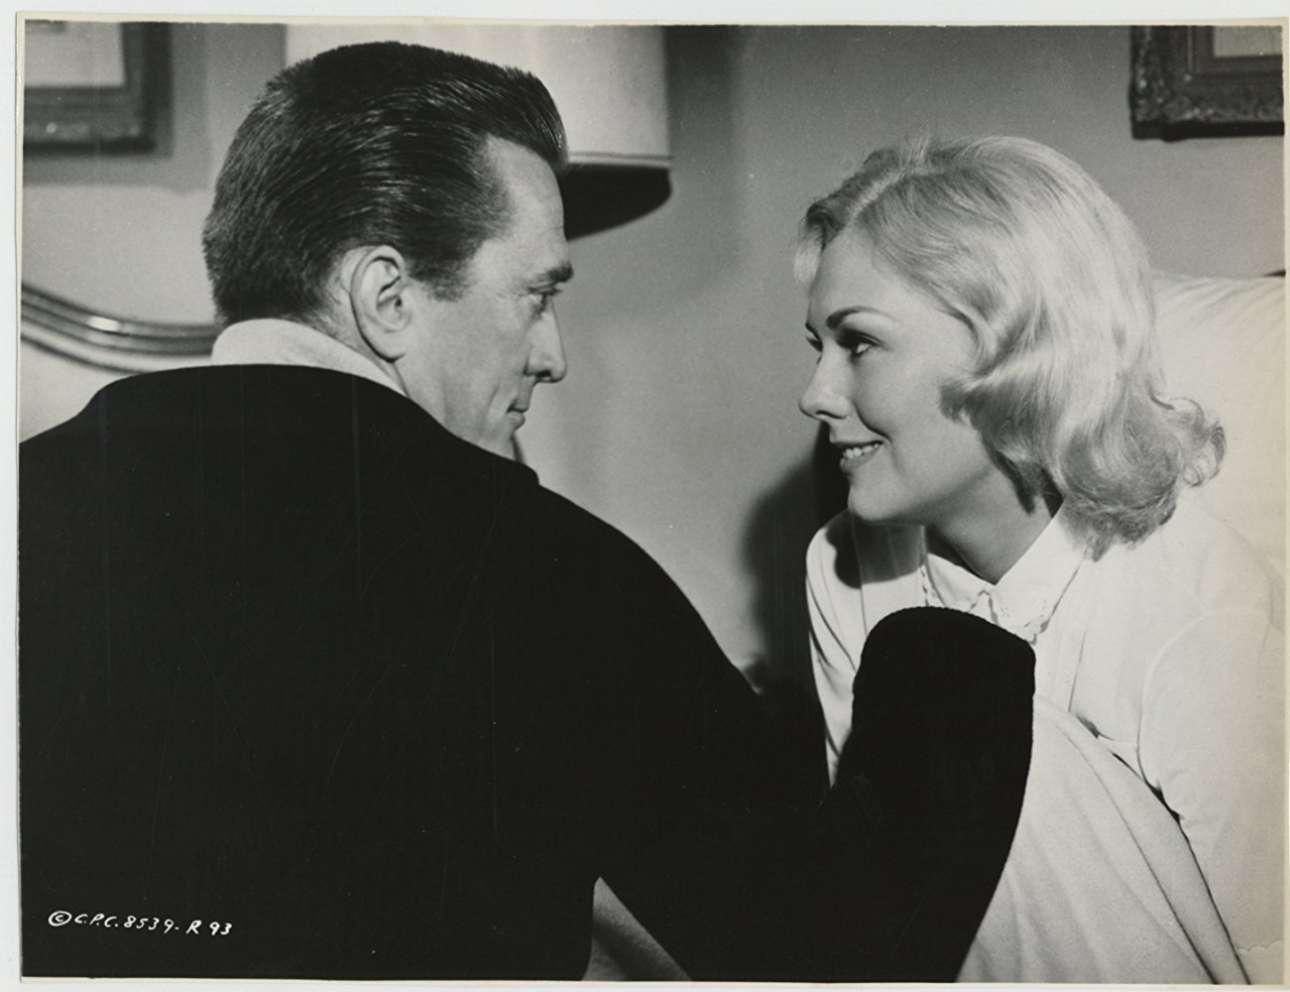 Απιστος σύζυγος και αρχιτέκτονας, δίπλα στην αισθησιακή Κιμ Νόβακ, στην ταινία «Strangers When We Meet», 1960